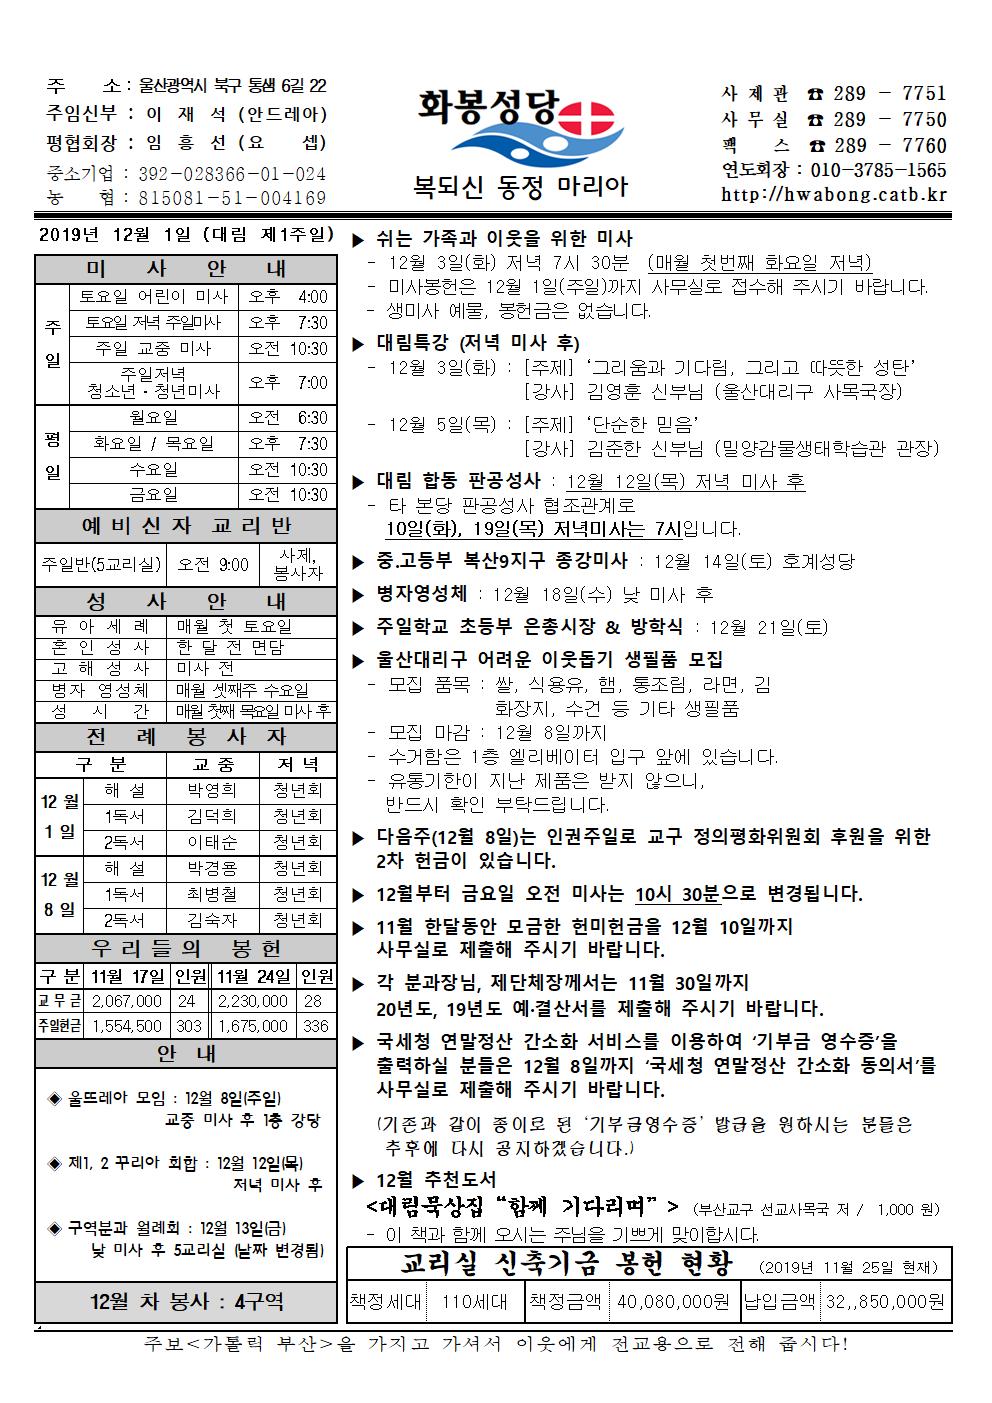 화봉성당20191201주보.png